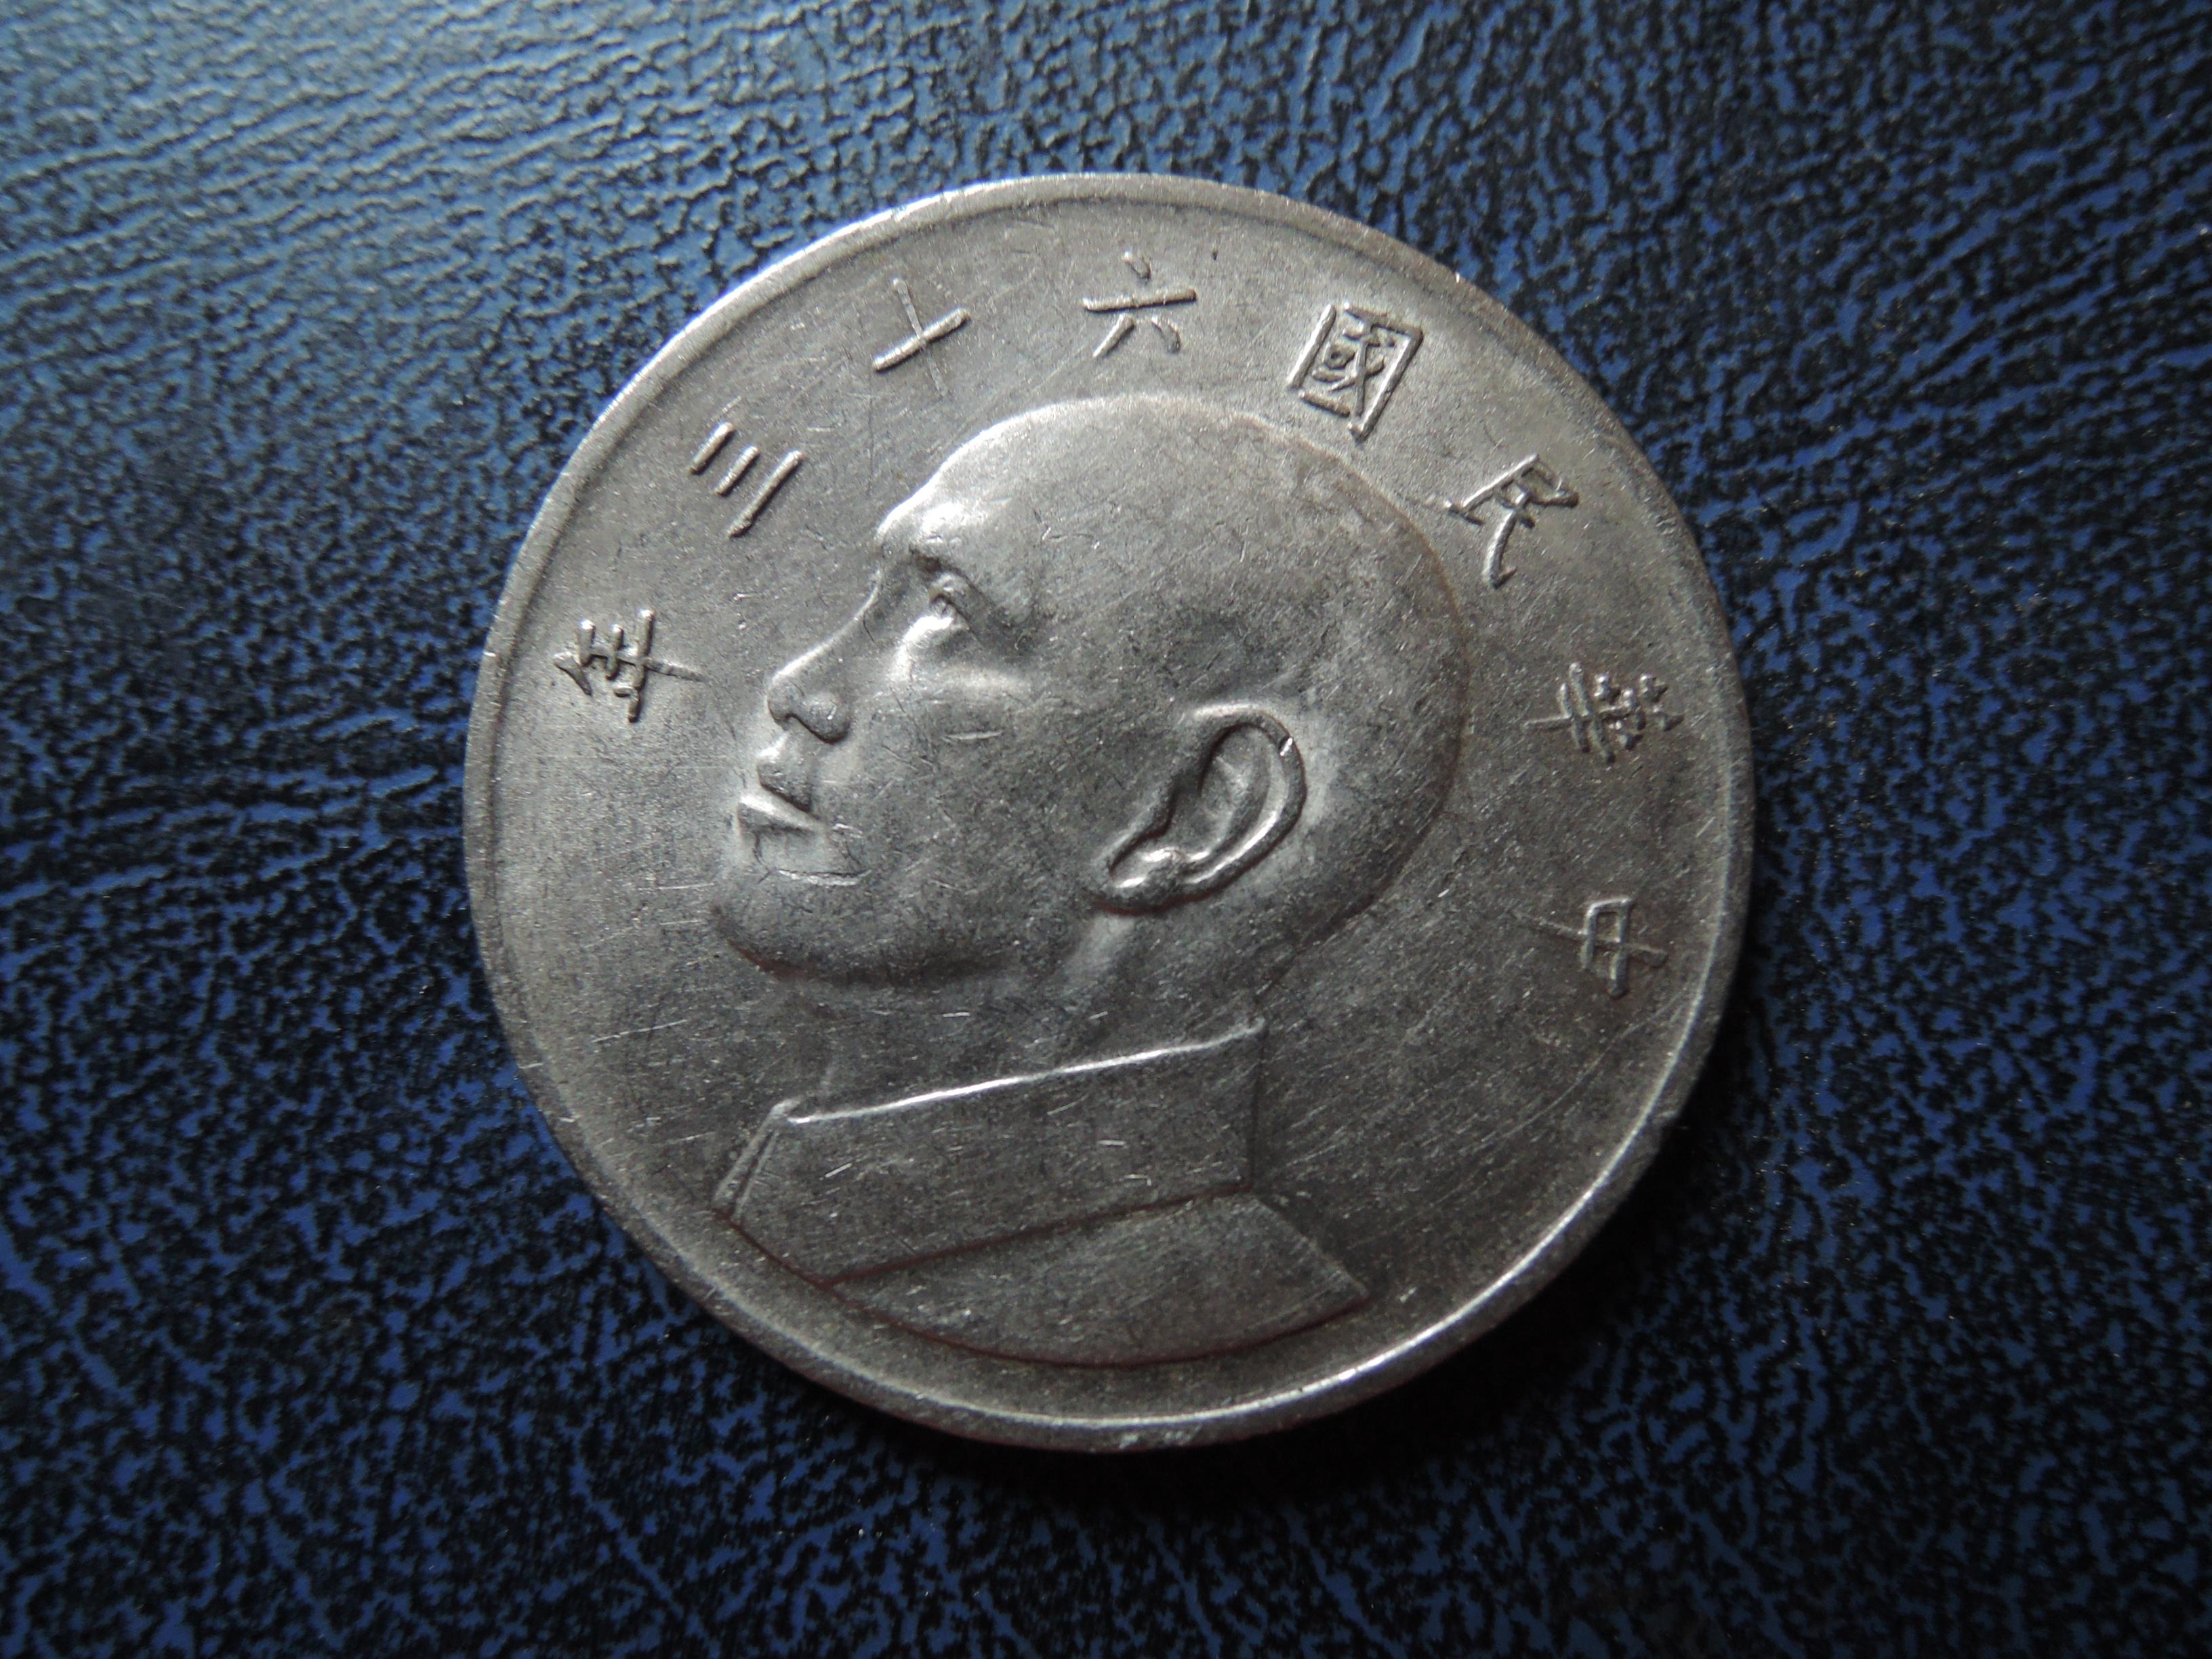 【寶家】~民國63年大5元硬幣 直徑:29MM【品項如圖】個人收藏 市面不多 值得收藏@160